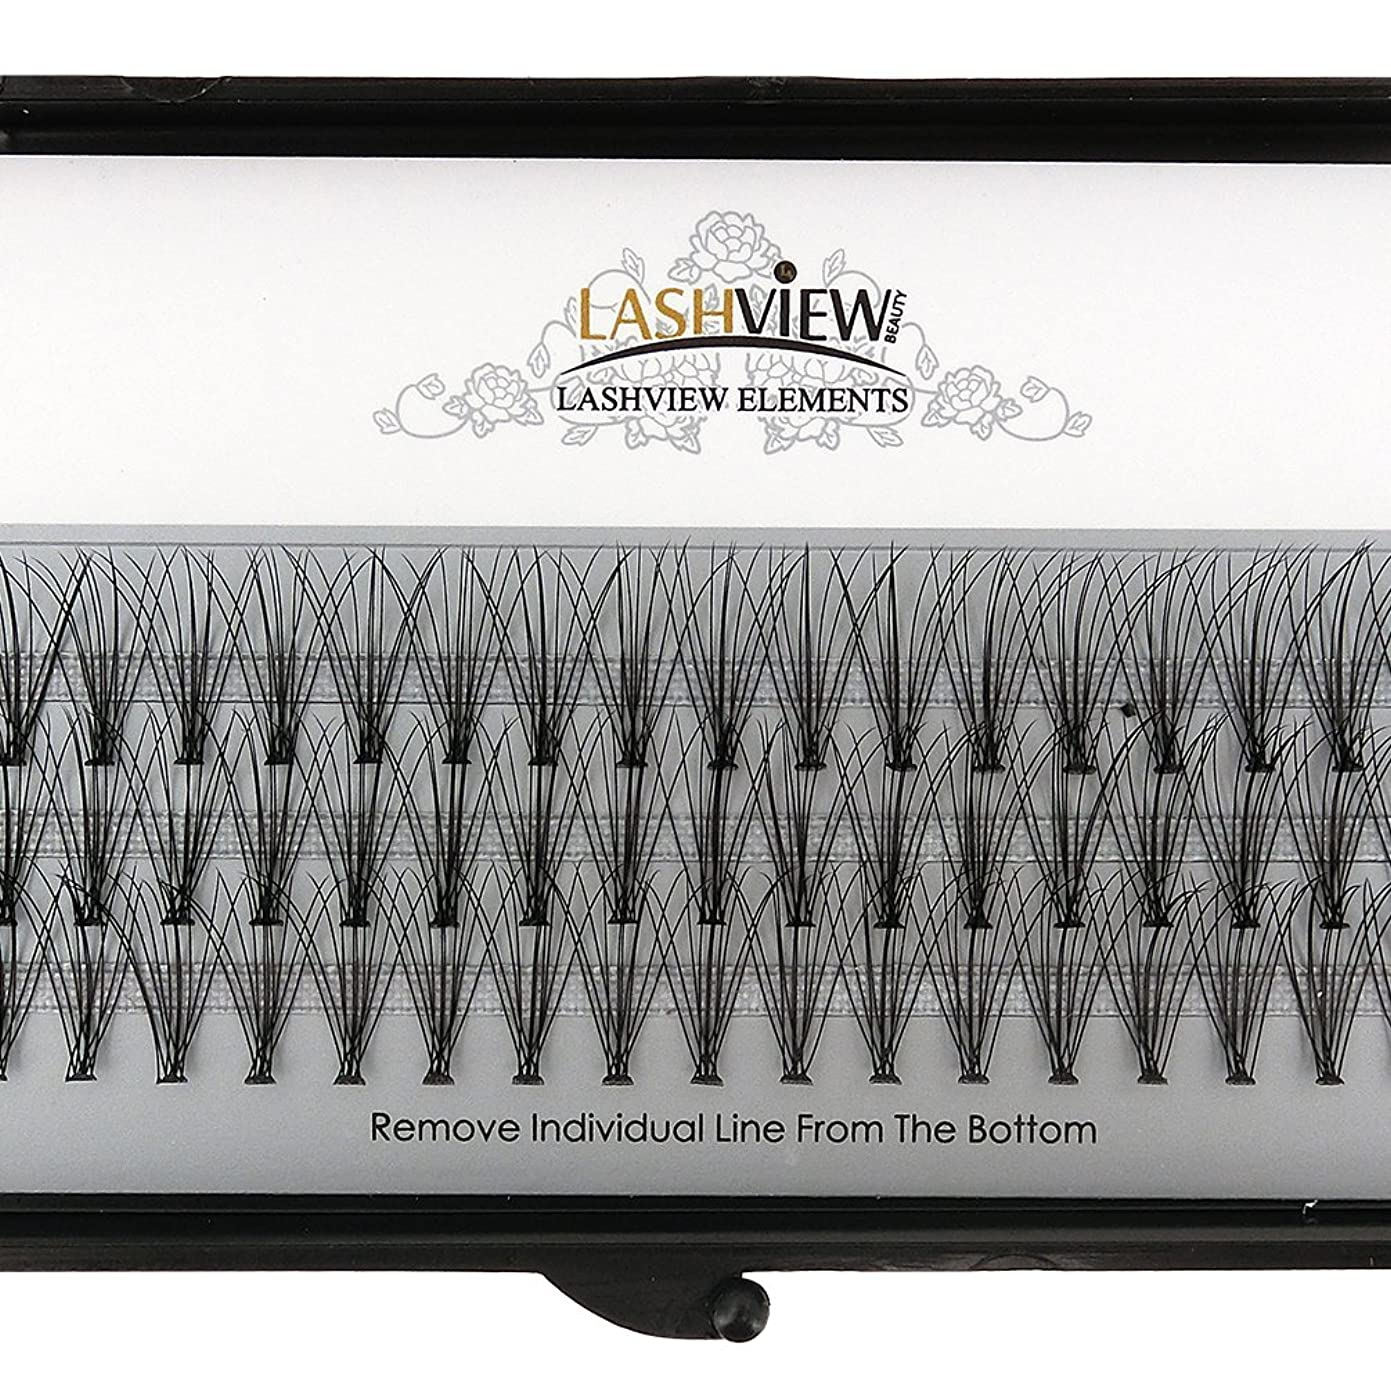 オセアニアフックケージLASHVIEW 高品質まつげエクステ太さ0.10mm Cカール フレア セルフ用 素材 10本束12mm マツエク